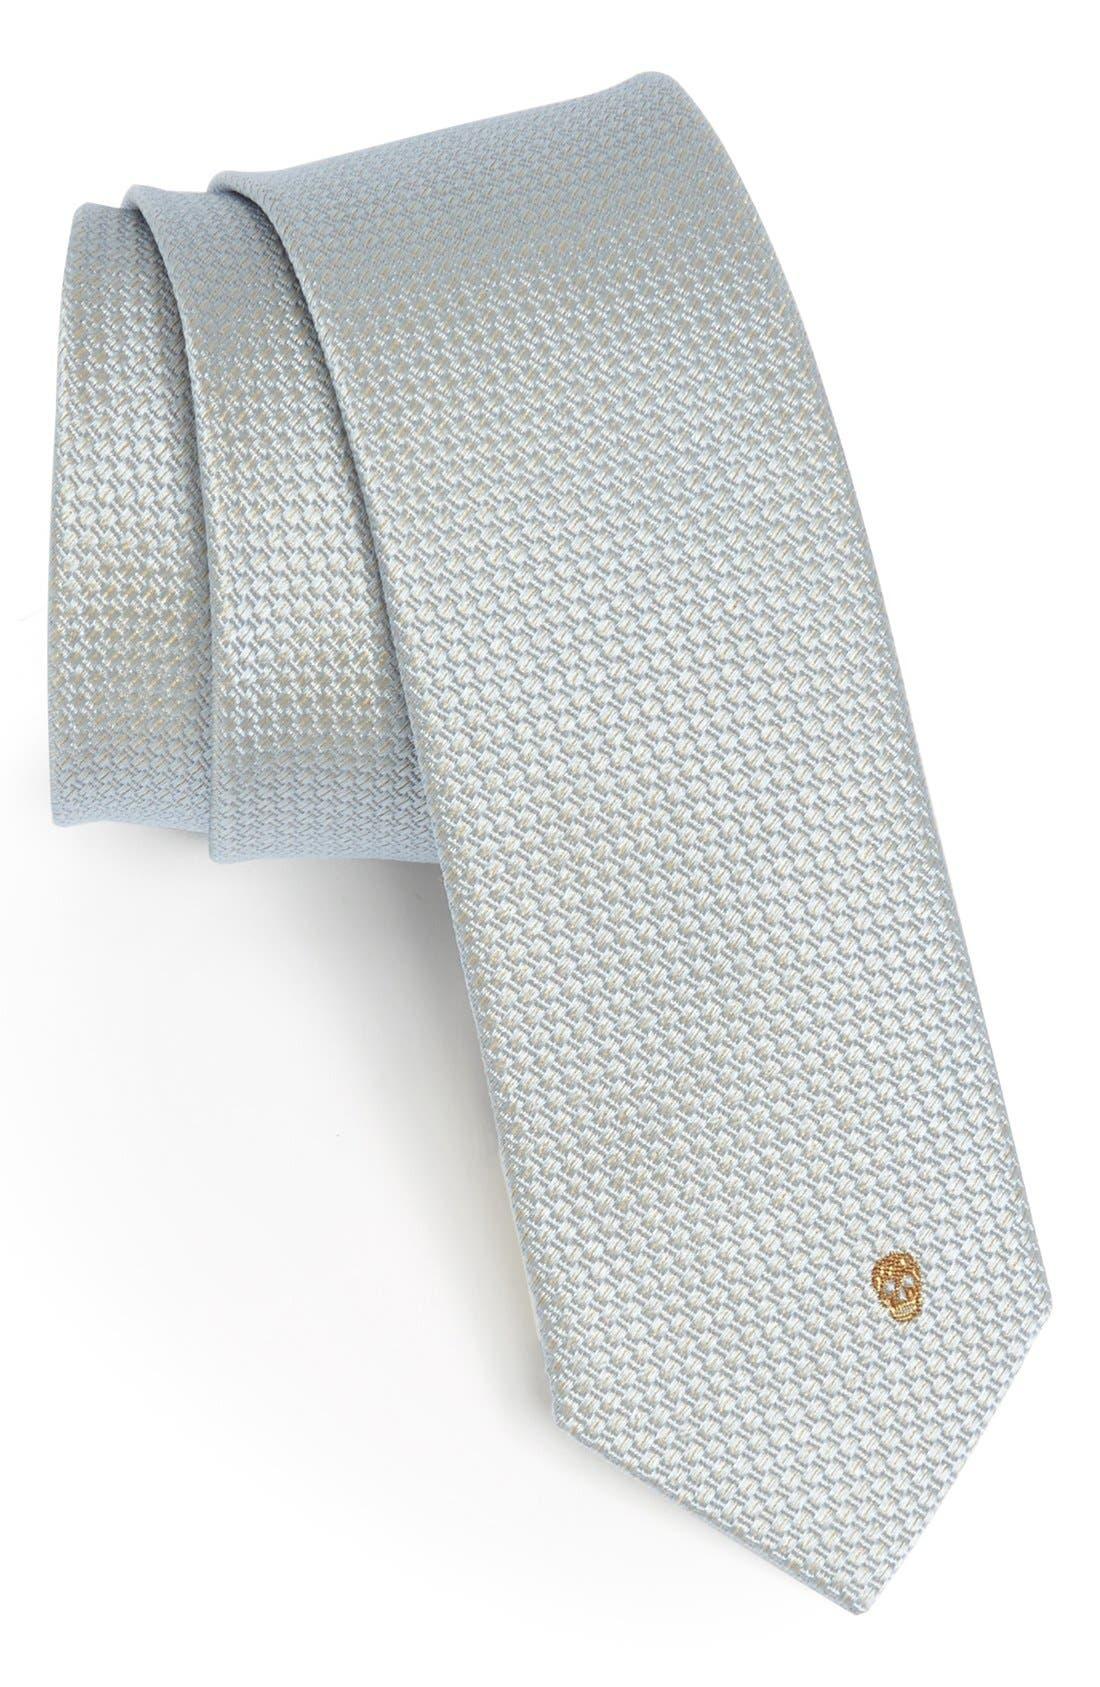 Main Image - Alexander McQueen Woven Silk Tie